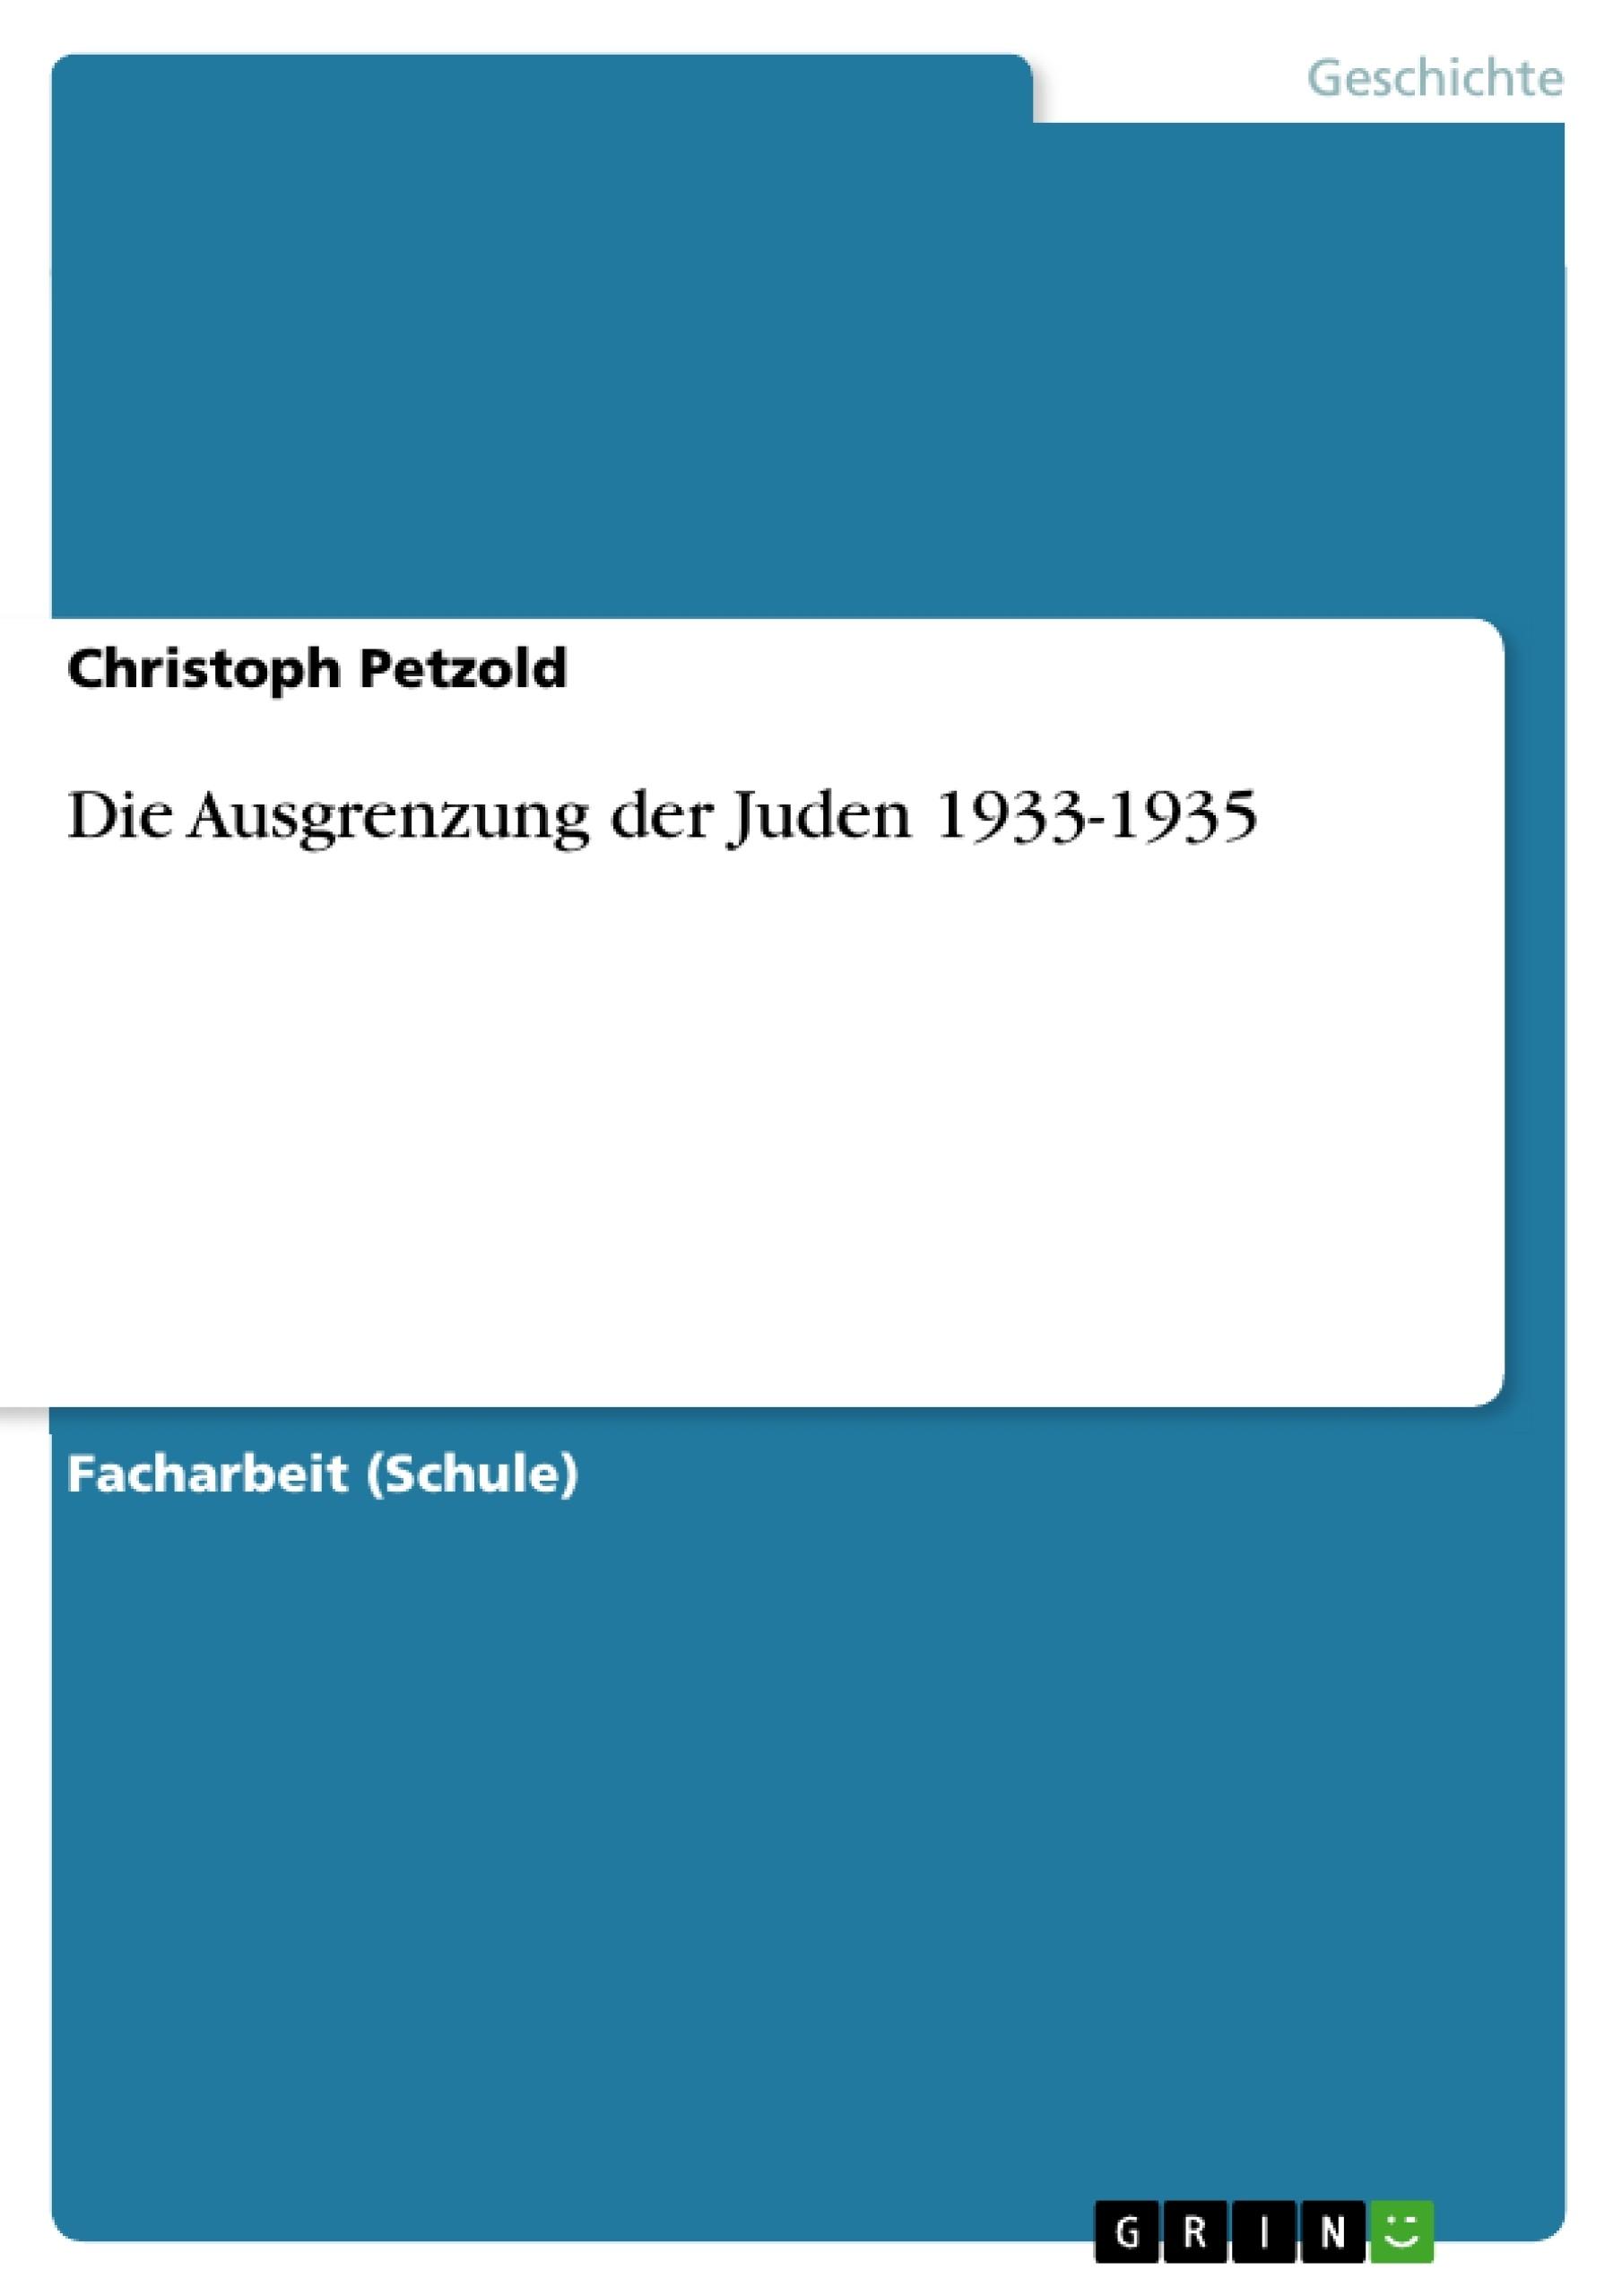 Titel: Die Ausgrenzung der Juden 1933-1935